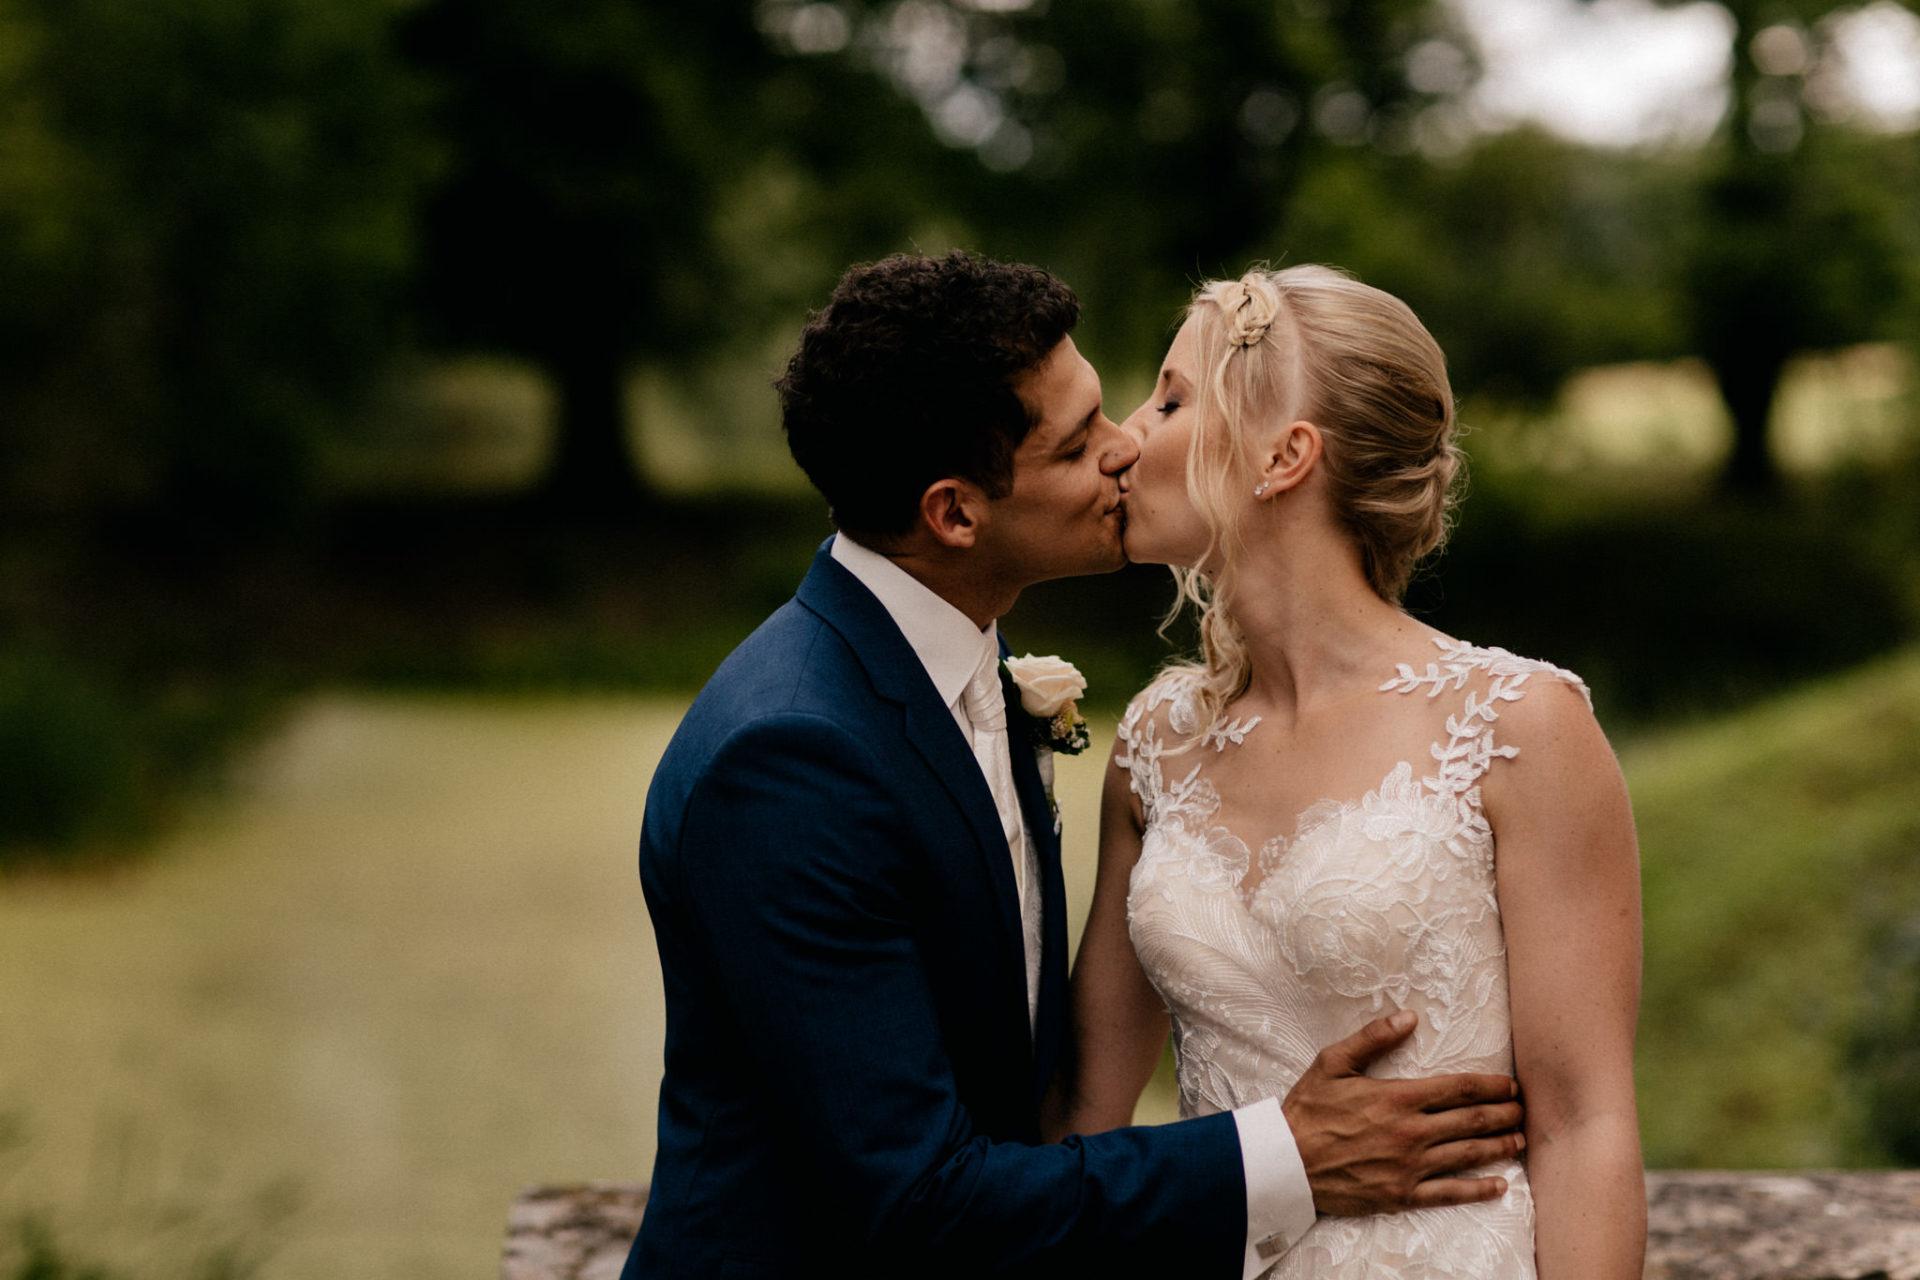 Hochzeitsfotograf Crailsheim-Wasserschloss Erkenbrechtshausen-Sommerhochzeit-Afghanisch-Deutsch heiraten-first look